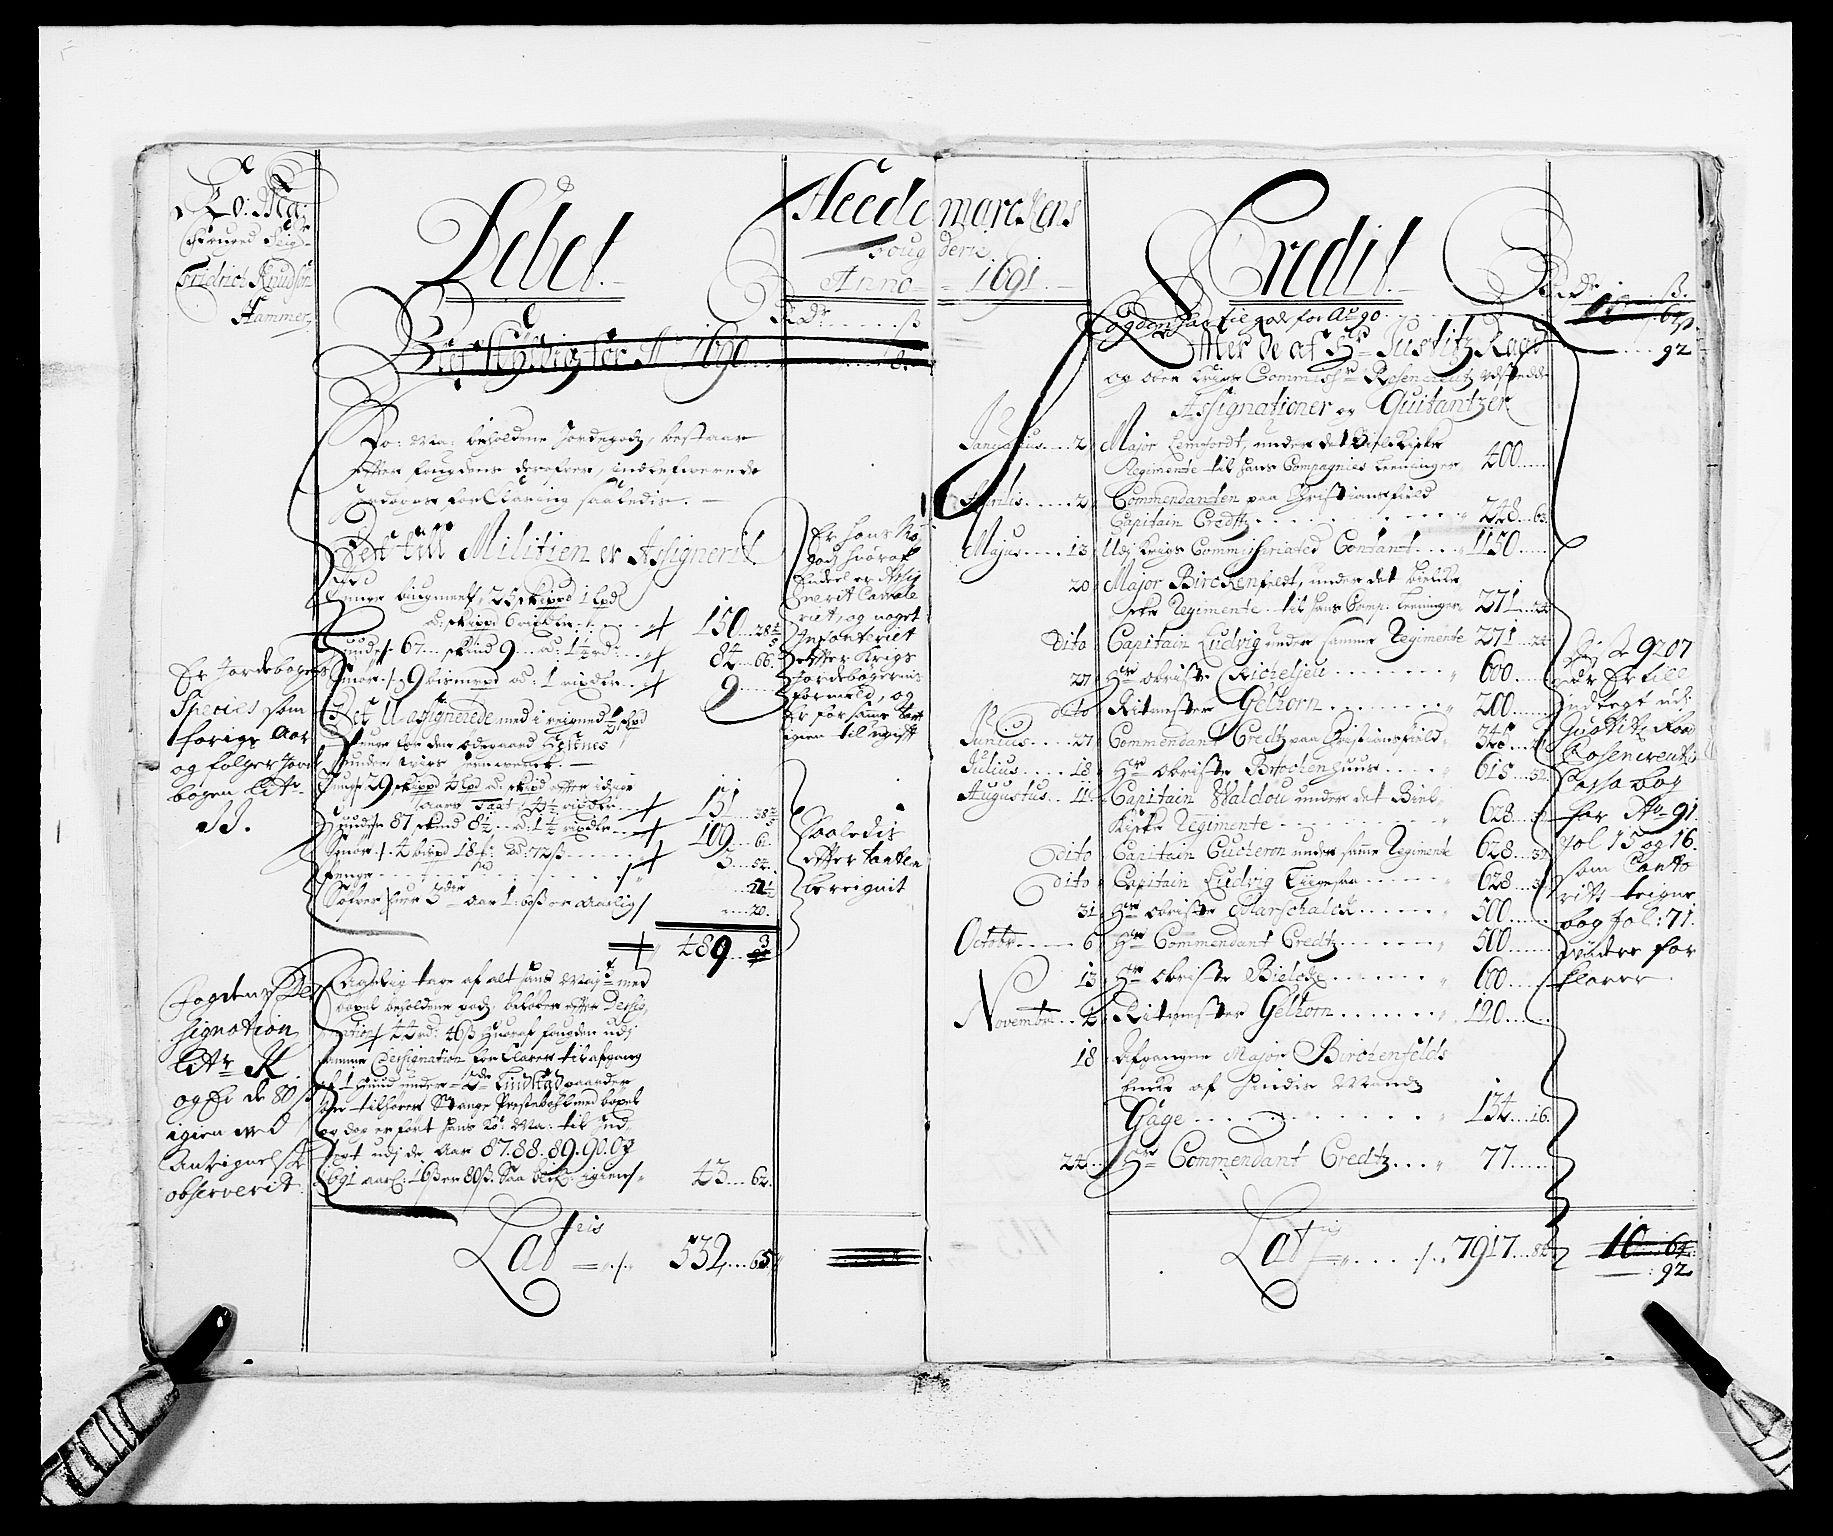 RA, Rentekammeret inntil 1814, Reviderte regnskaper, Fogderegnskap, R16/L1030: Fogderegnskap Hedmark, 1689-1691, s. 15